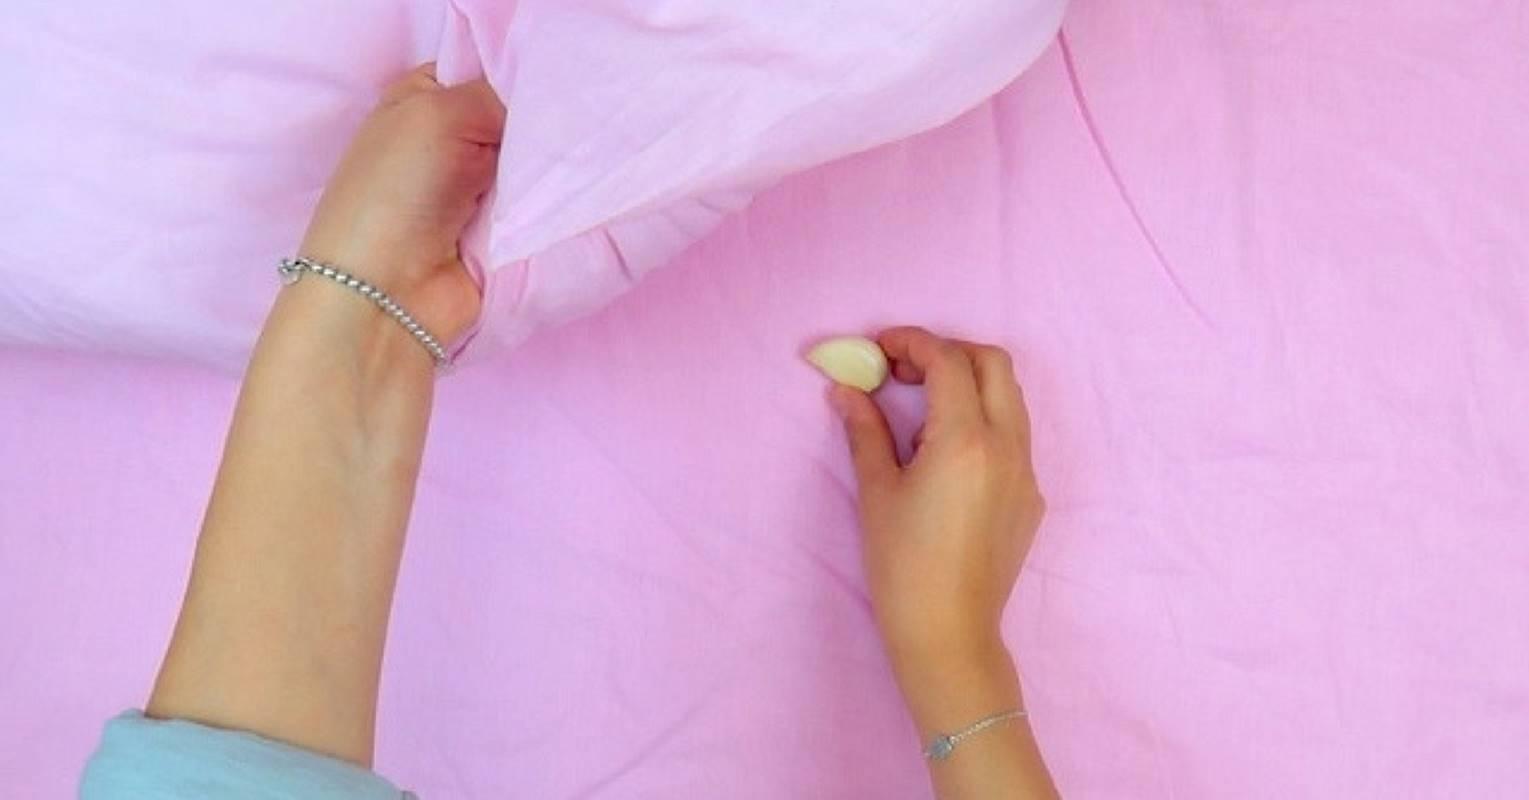 Alho debaixo do travesseiro: essa prática traz benefícios para a saúde